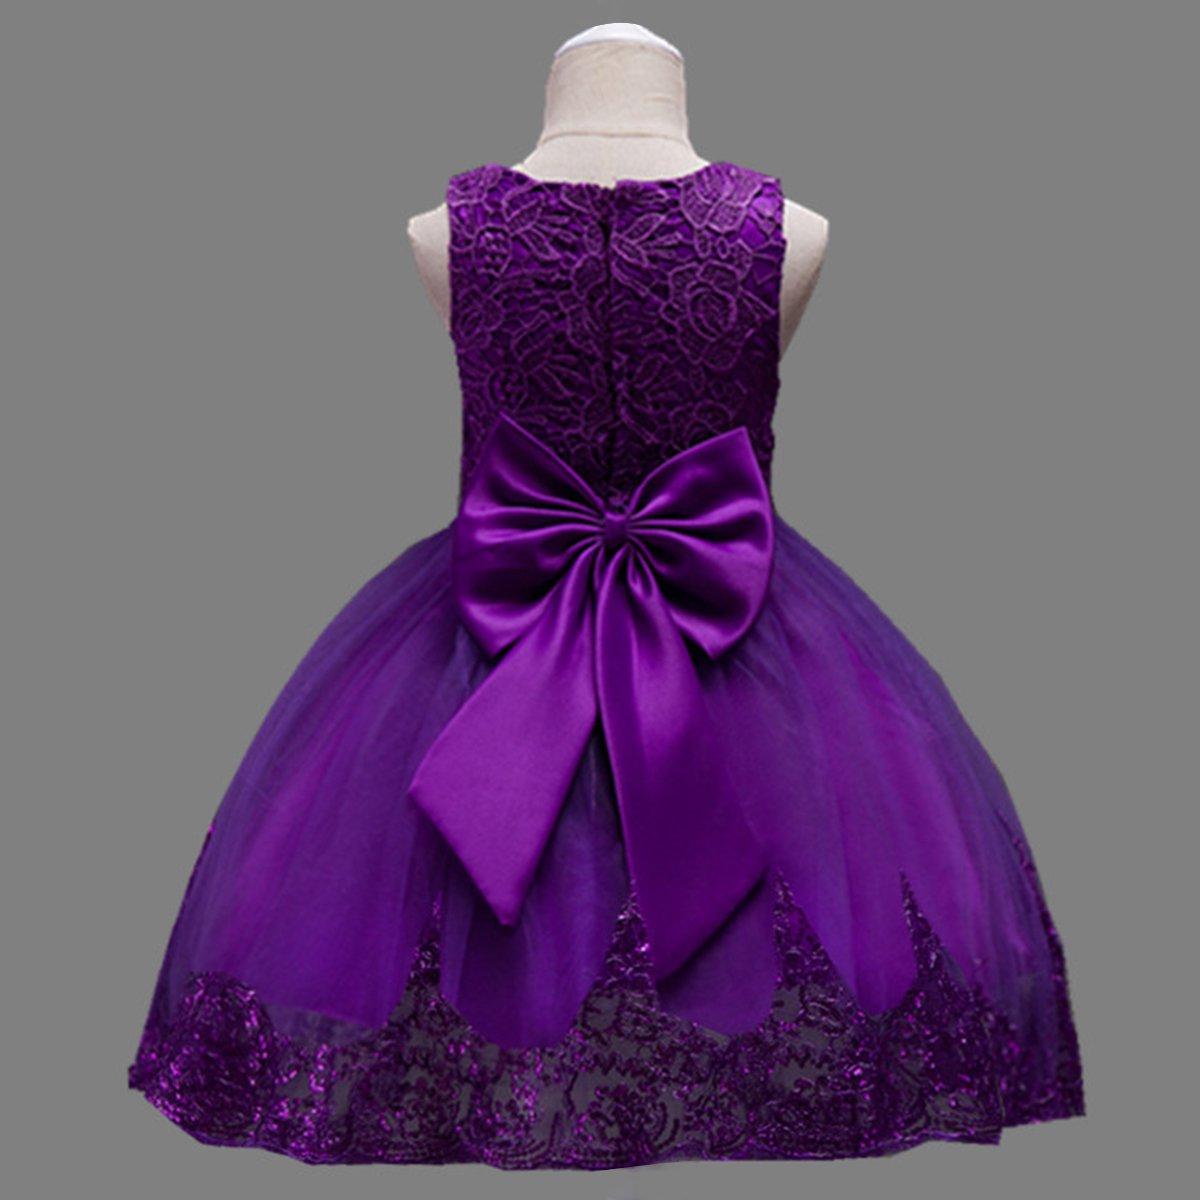 OBEEII Vestito da Principessa Fiore Ragazza Abito Pizzo Senza Maniche Floreale Gonna Tutu per Festa Cerimonia Carnevale Battesimo per Bambine 1-11 Anni